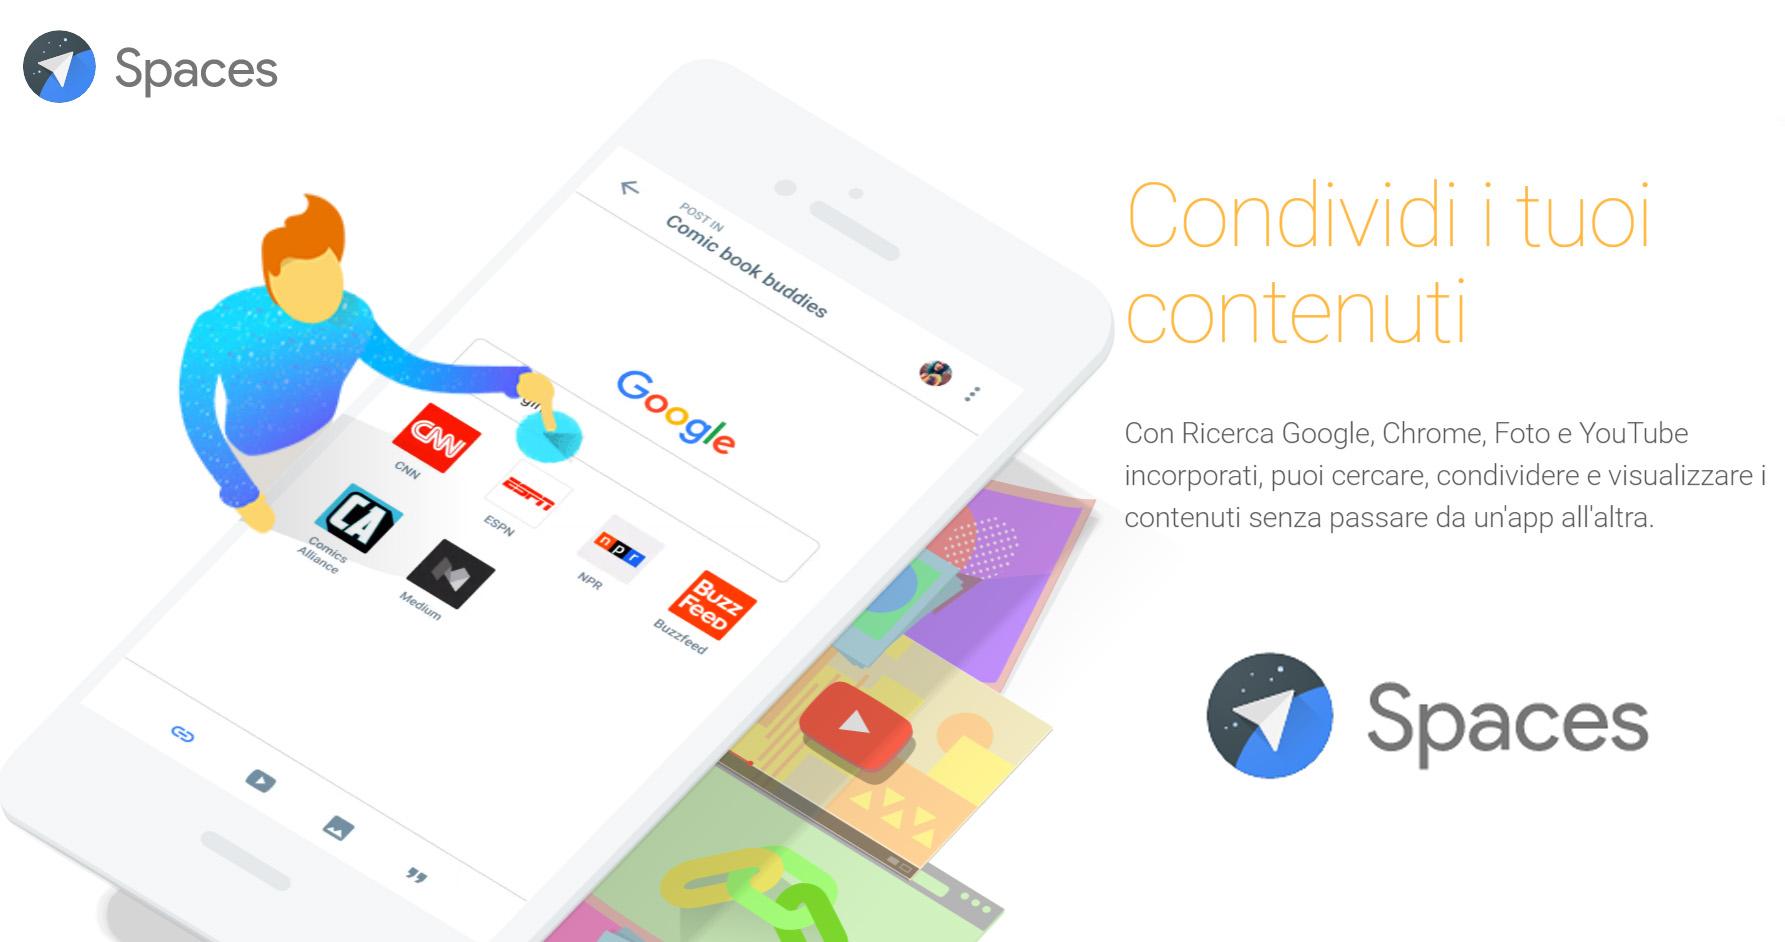 Spaces, la nuova App Google per gruppi che condividono tutto